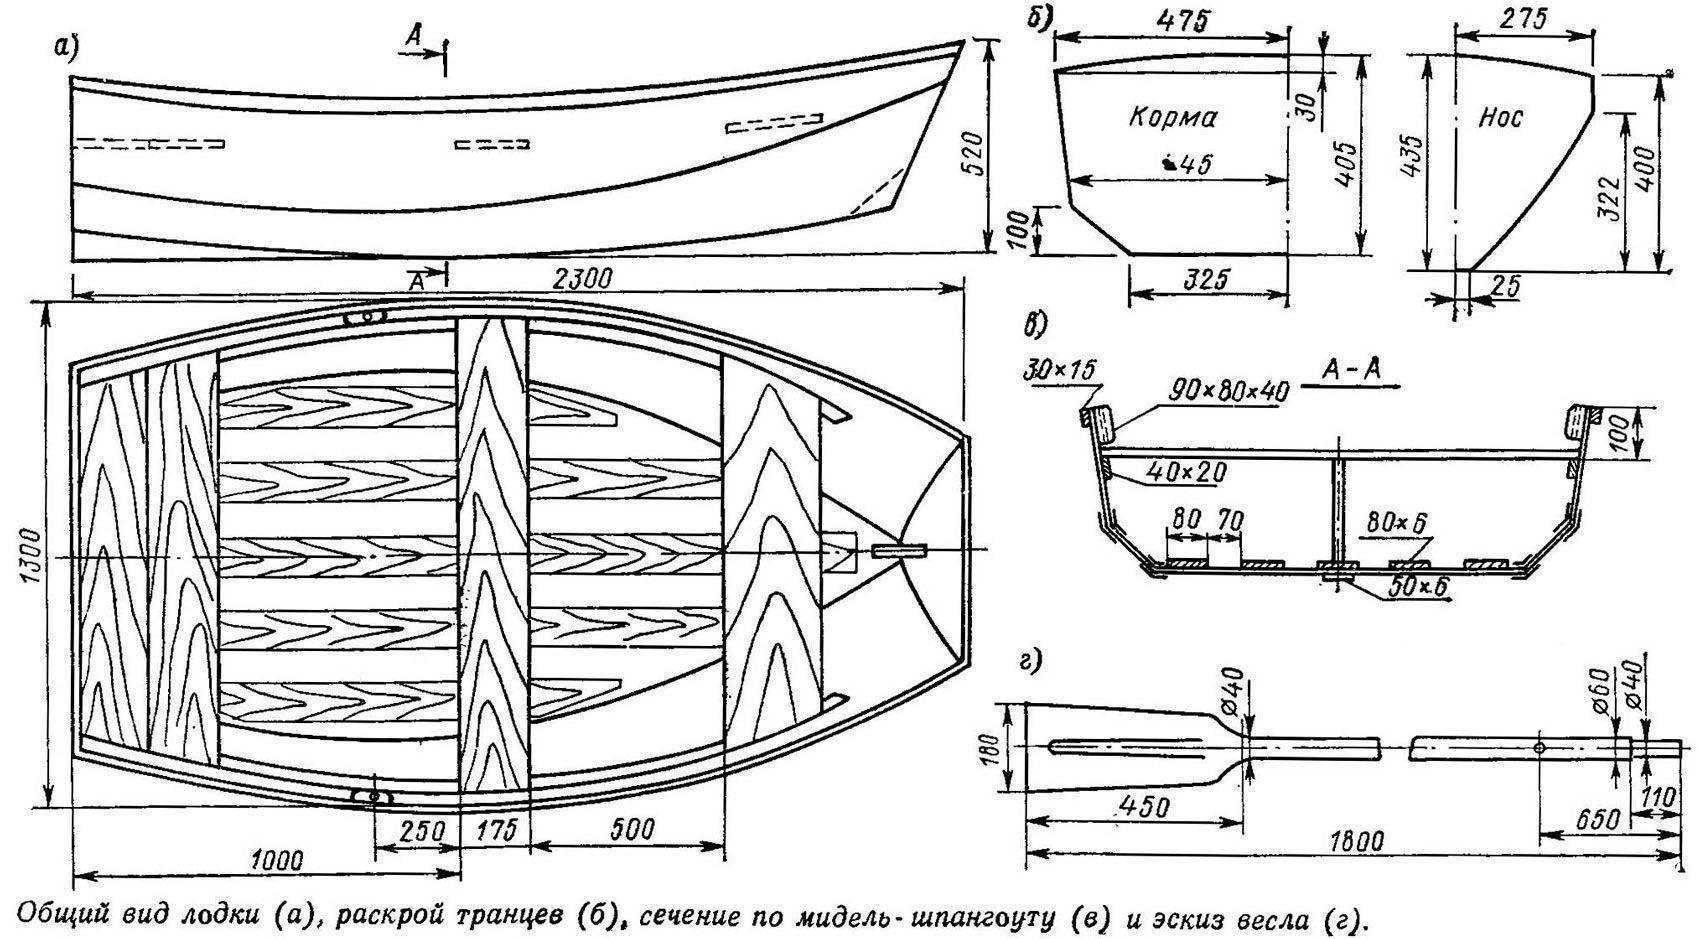 Как сделать лодку из пенопласта и стеклоткани своими руками? как сделать лодку из пенопласта и стеклоткани своими руками?